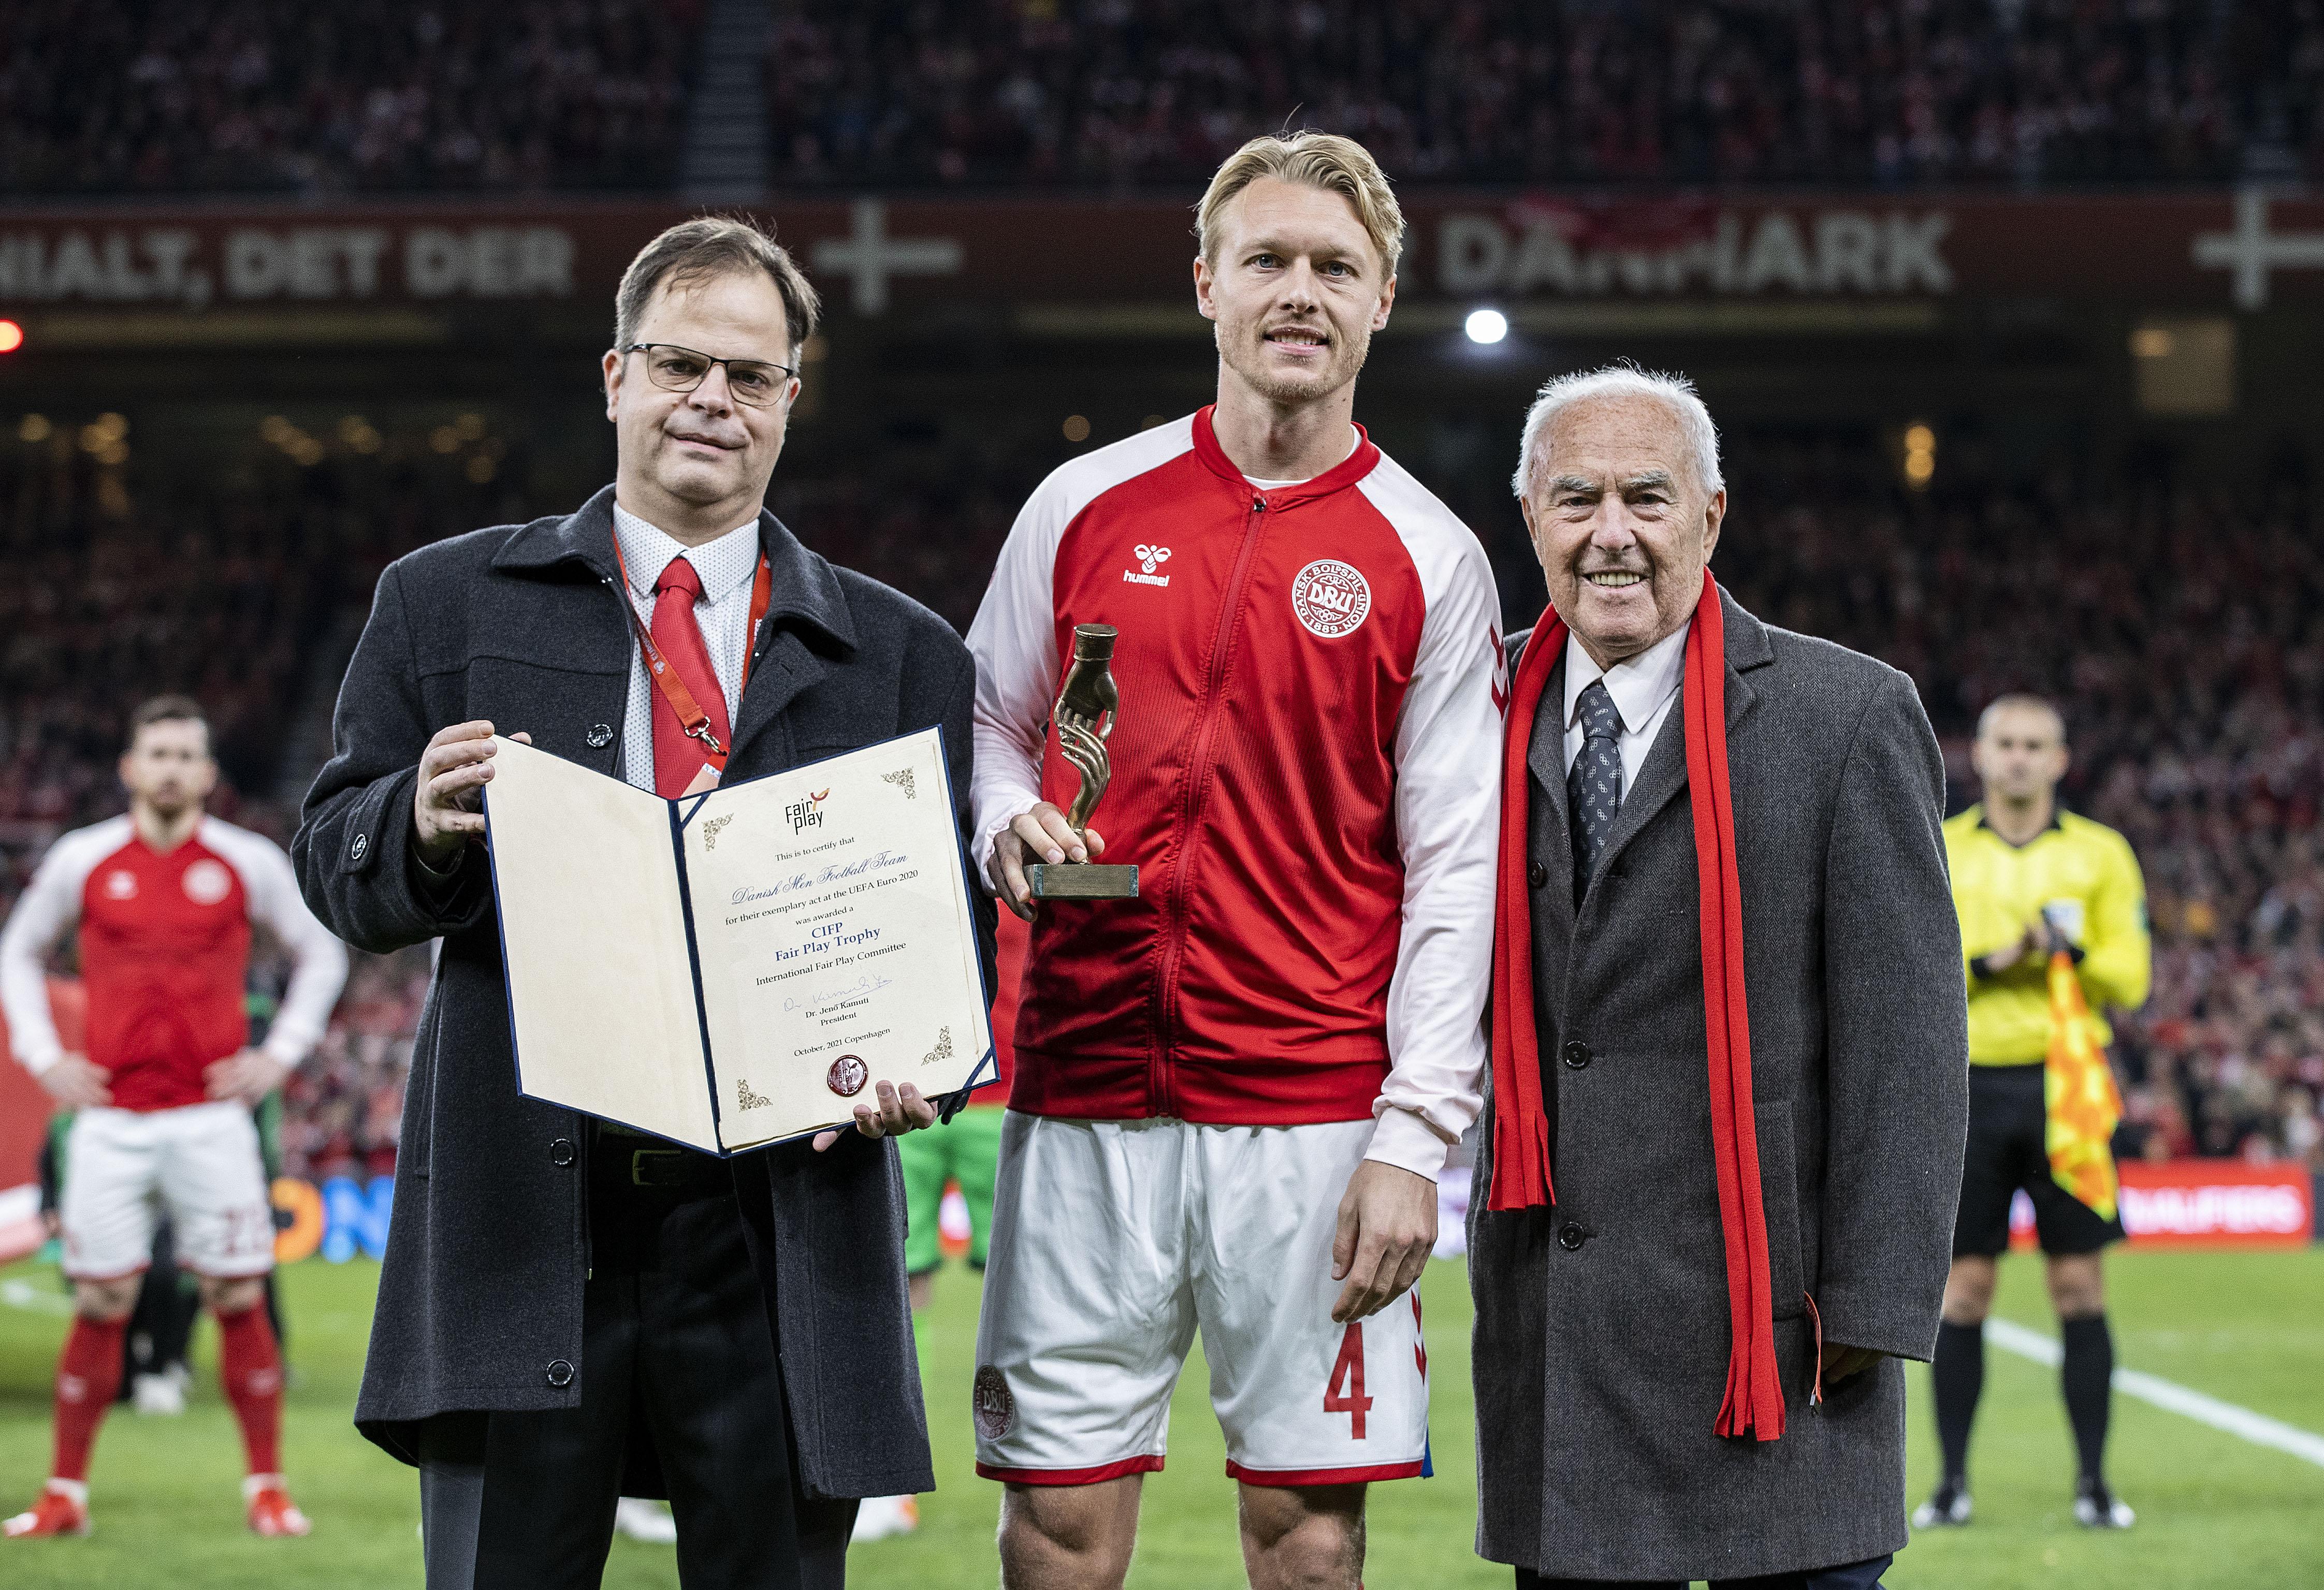 Fair Play Award to the Danish National Football Team